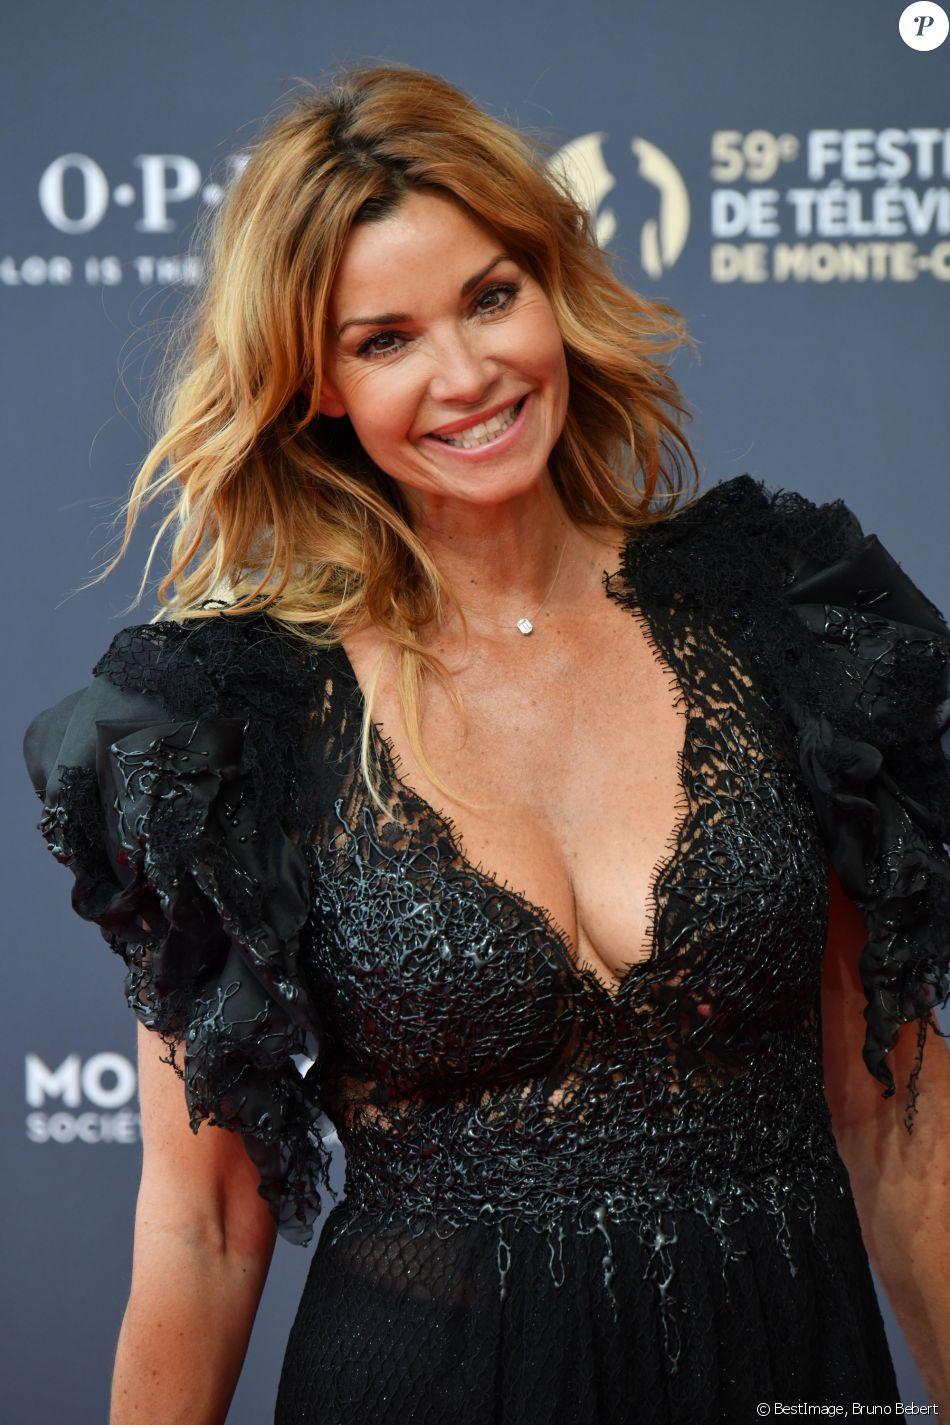 Ingrid Chauvin durant la soirée d'ouverture du 59ème Festival de Télévision de Monte Carlo à Monaco le 14 juin 2919.© Bruno Bebert / Bestimage